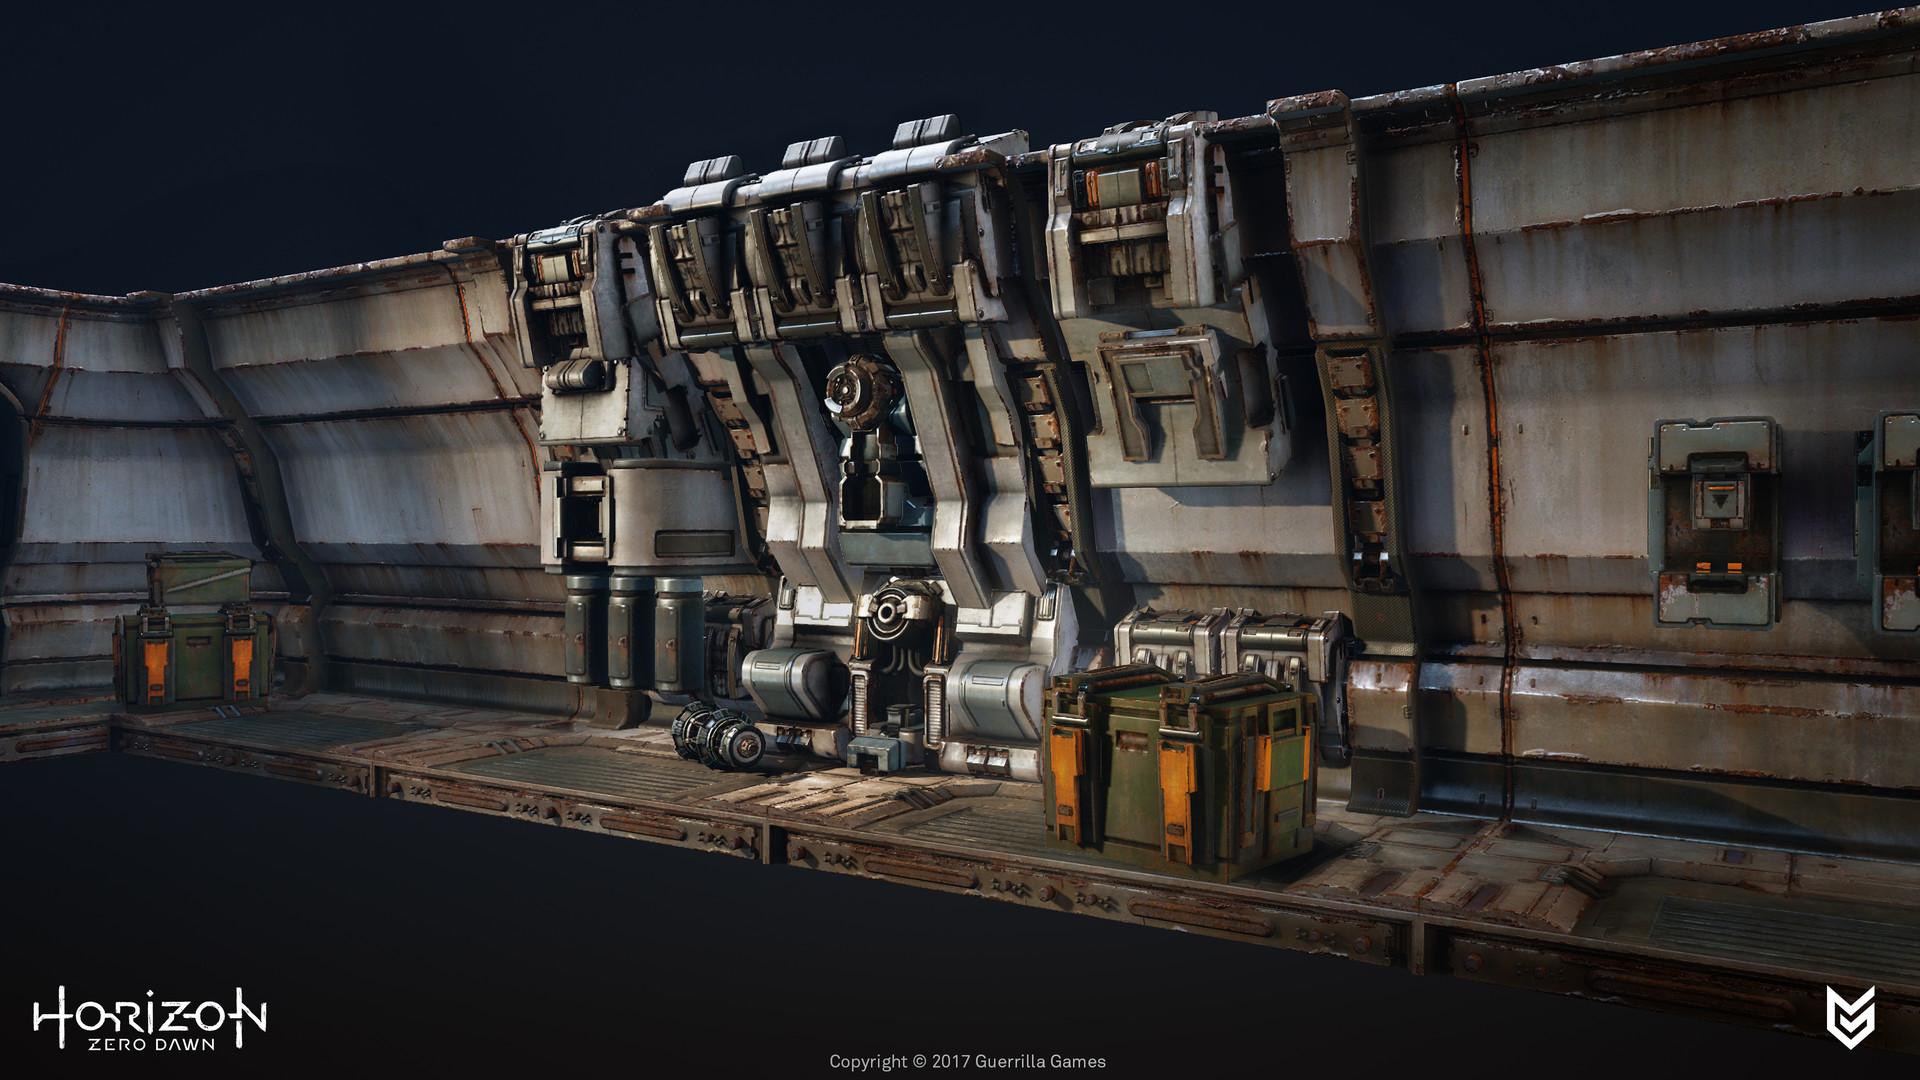 Stefan groenewoud bunker assets